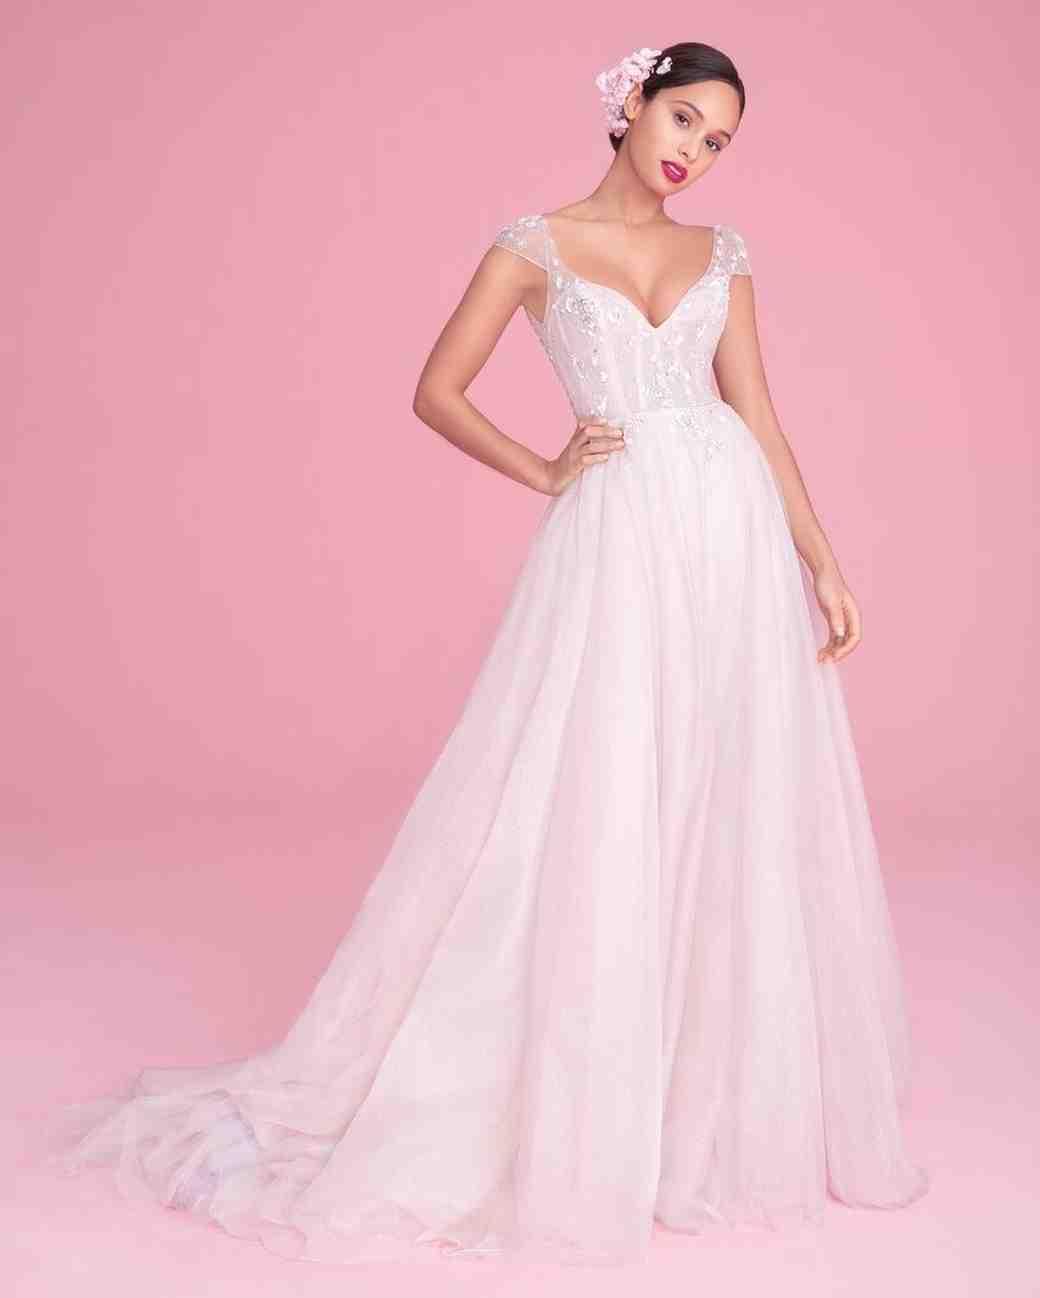 Moderno Precios De Vestido De Novia Hayley Paige Imagen - Colección ...